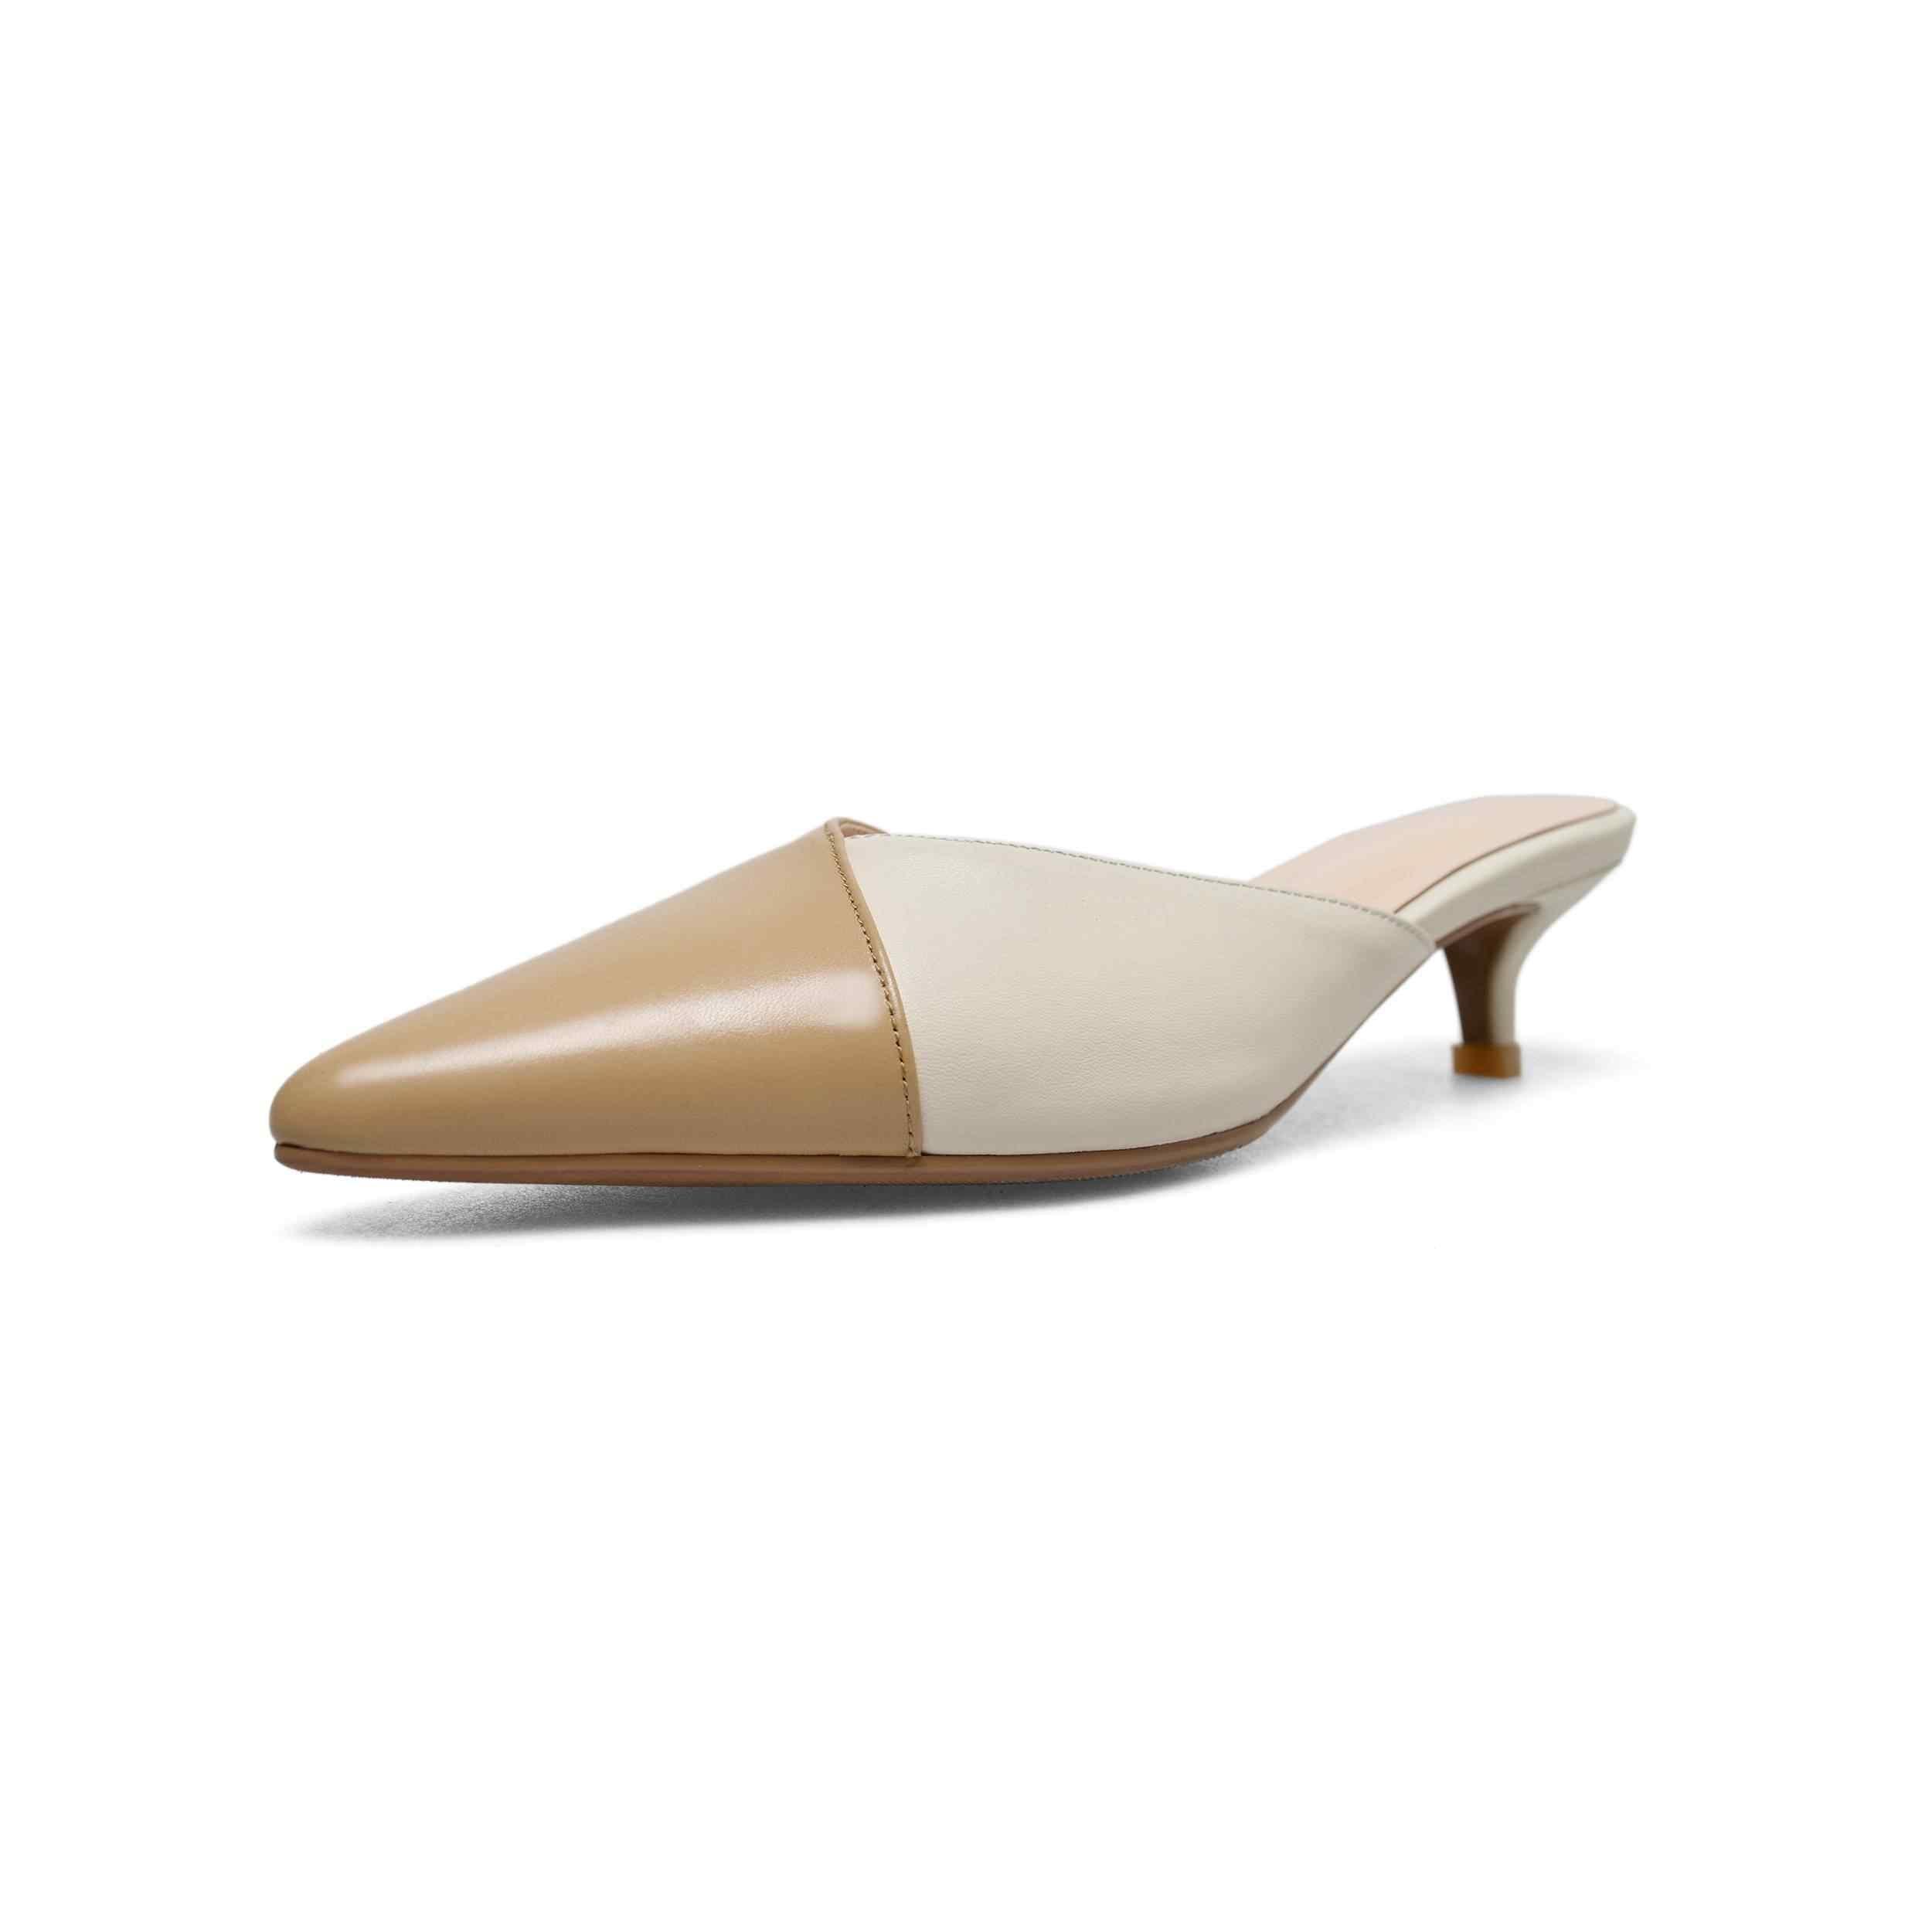 Lenksien più nuovo genuine slip in pelle su muli sottile med tacchi punta a punta pompe delle donne di estate di colore misto elegante oxford scarpe l93